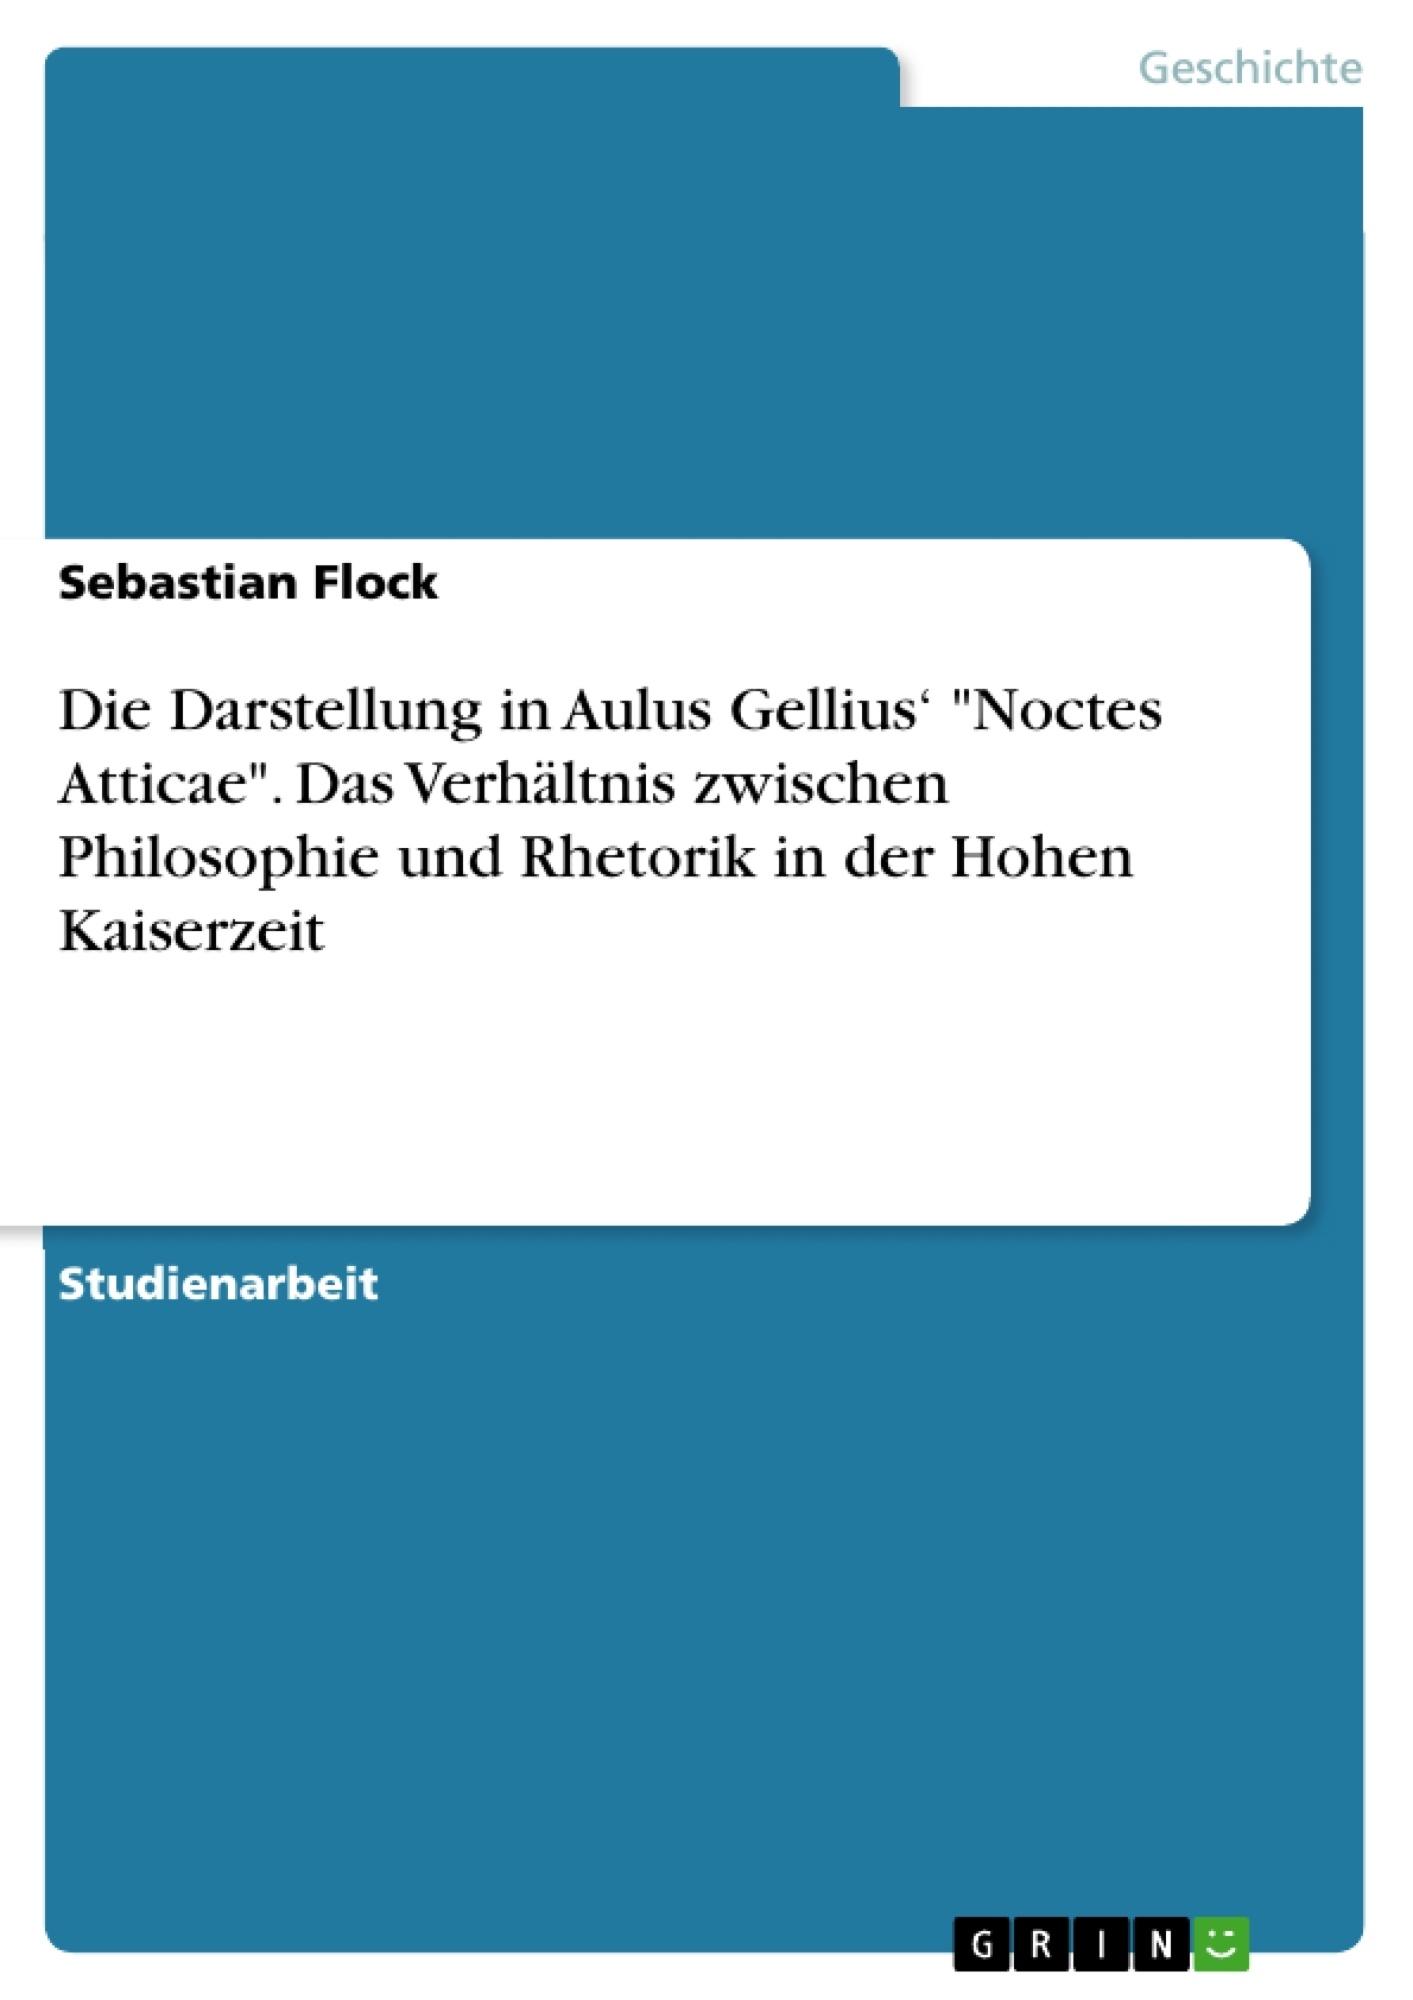 """Titel: Die Darstellung in Aulus Gellius' """"Noctes Atticae"""". Das Verhältnis zwischen Philosophie und Rhetorik in der Hohen Kaiserzeit"""